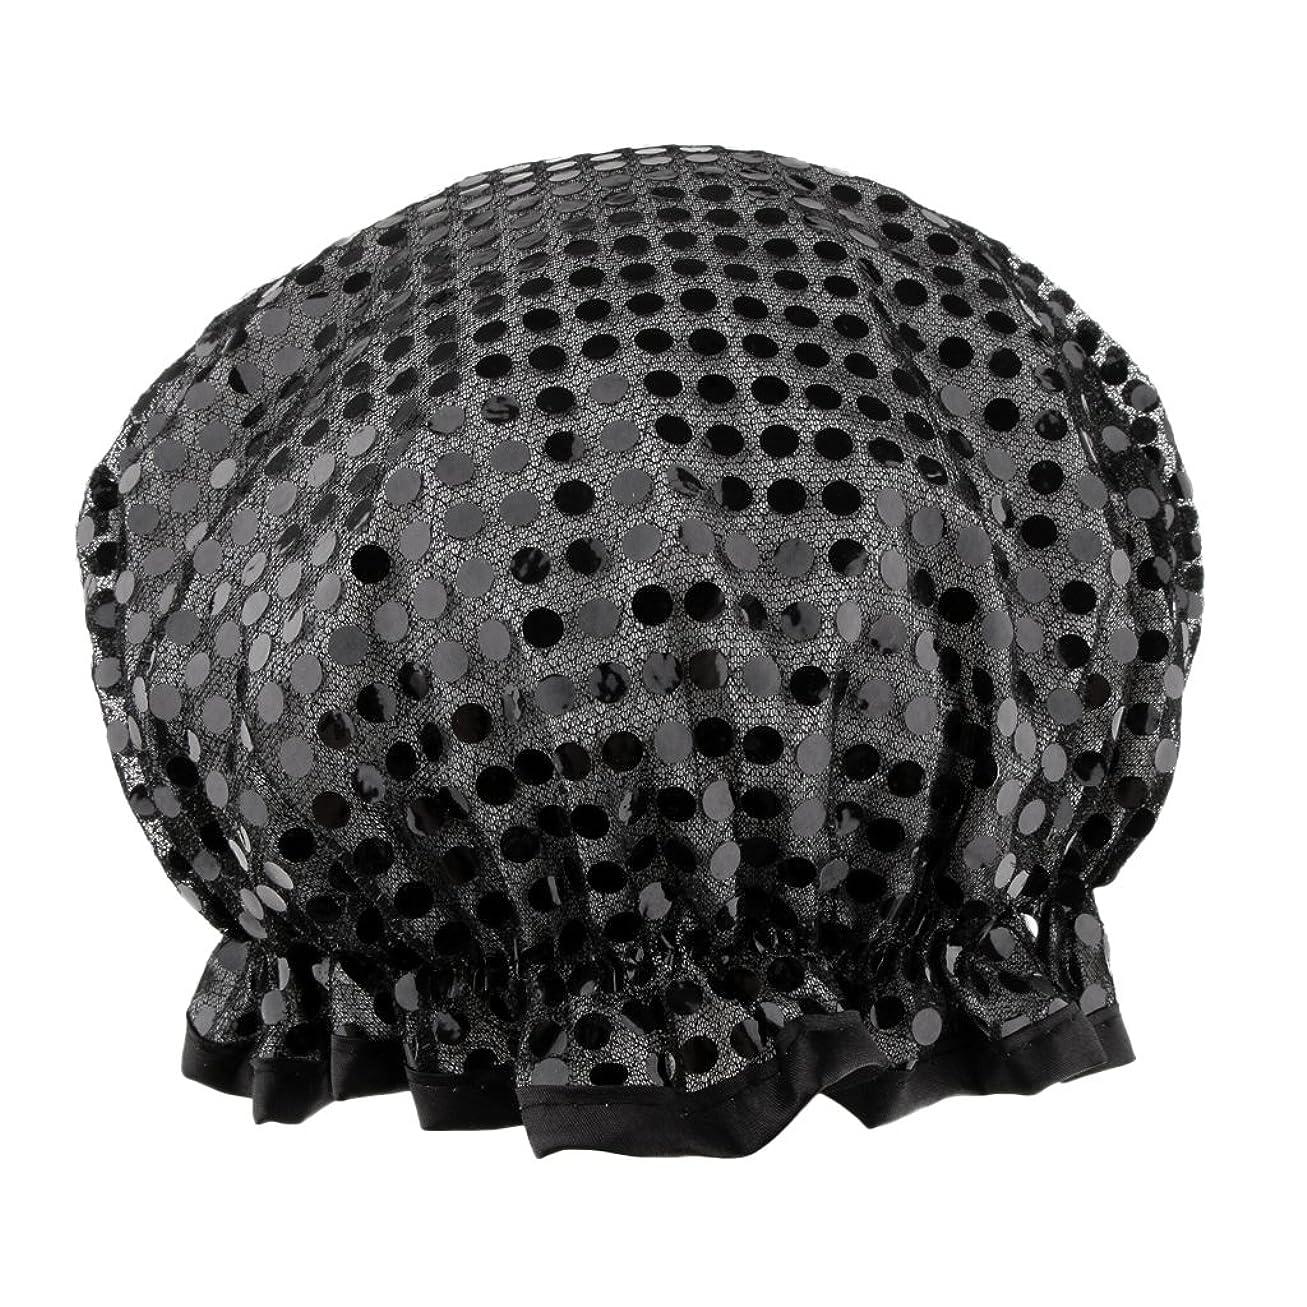 泥だらけアンタゴニストフロントHomyl シャワーキャップ バスキャップ 入浴帽子 温泉 SPA シャワー 料理 ヘアマスク 女性用 耐久性 3色選べる - ブラック